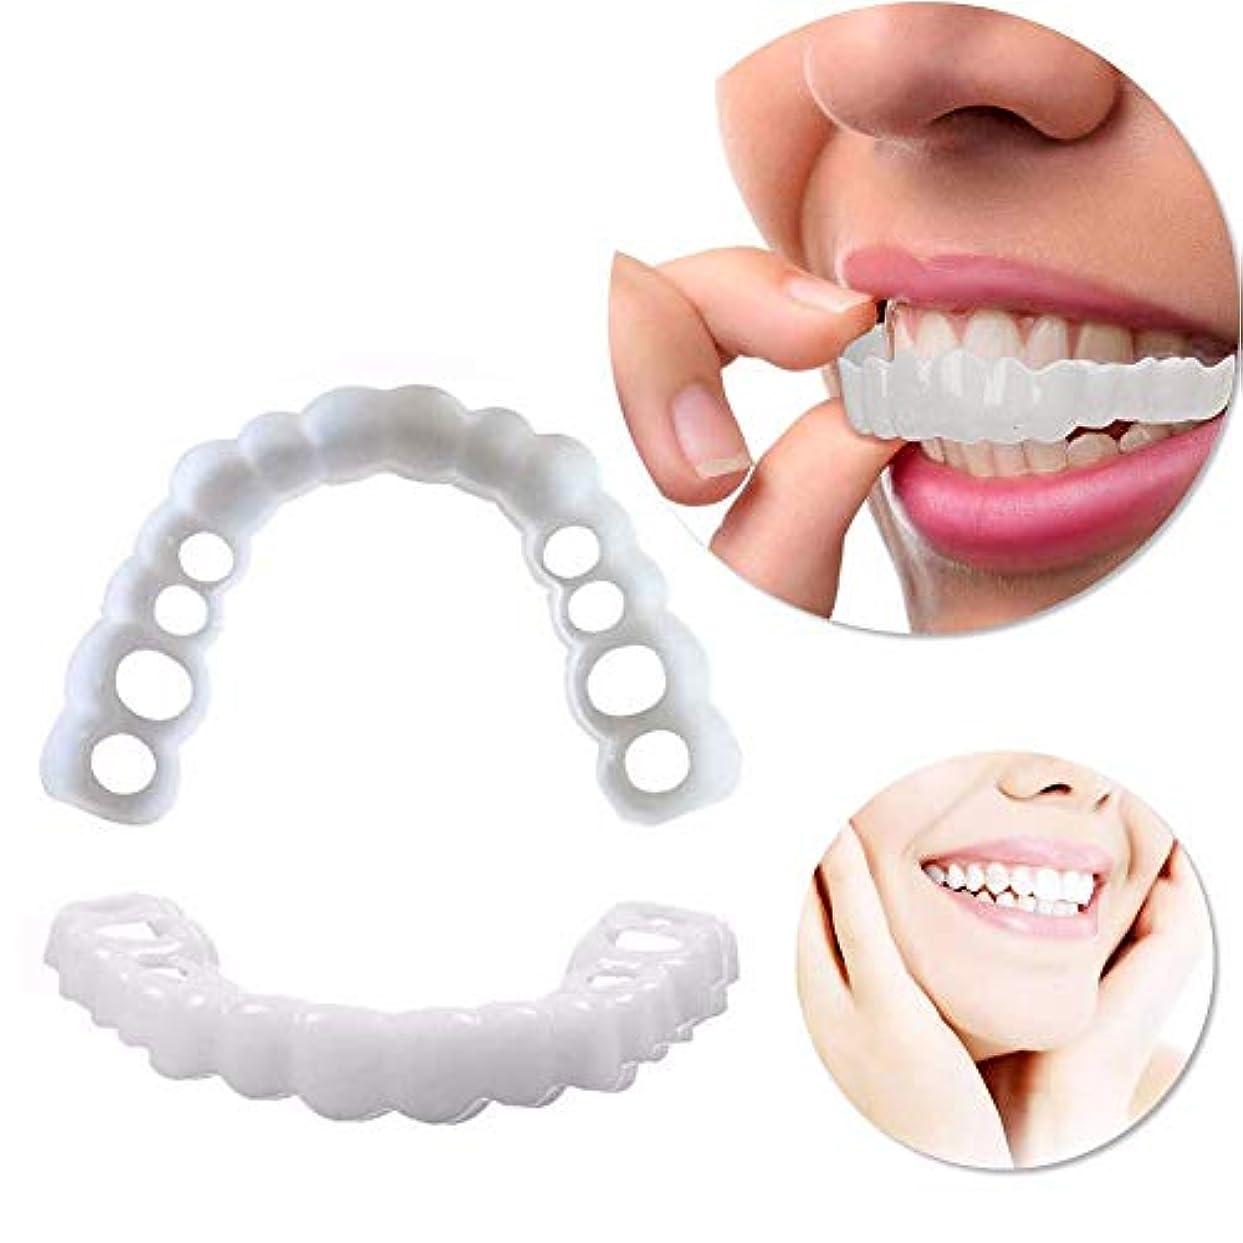 義歯安全インスタントスマイル化粧品ノベルティ歯 - ワンサイズが一番フィット,7Pairs